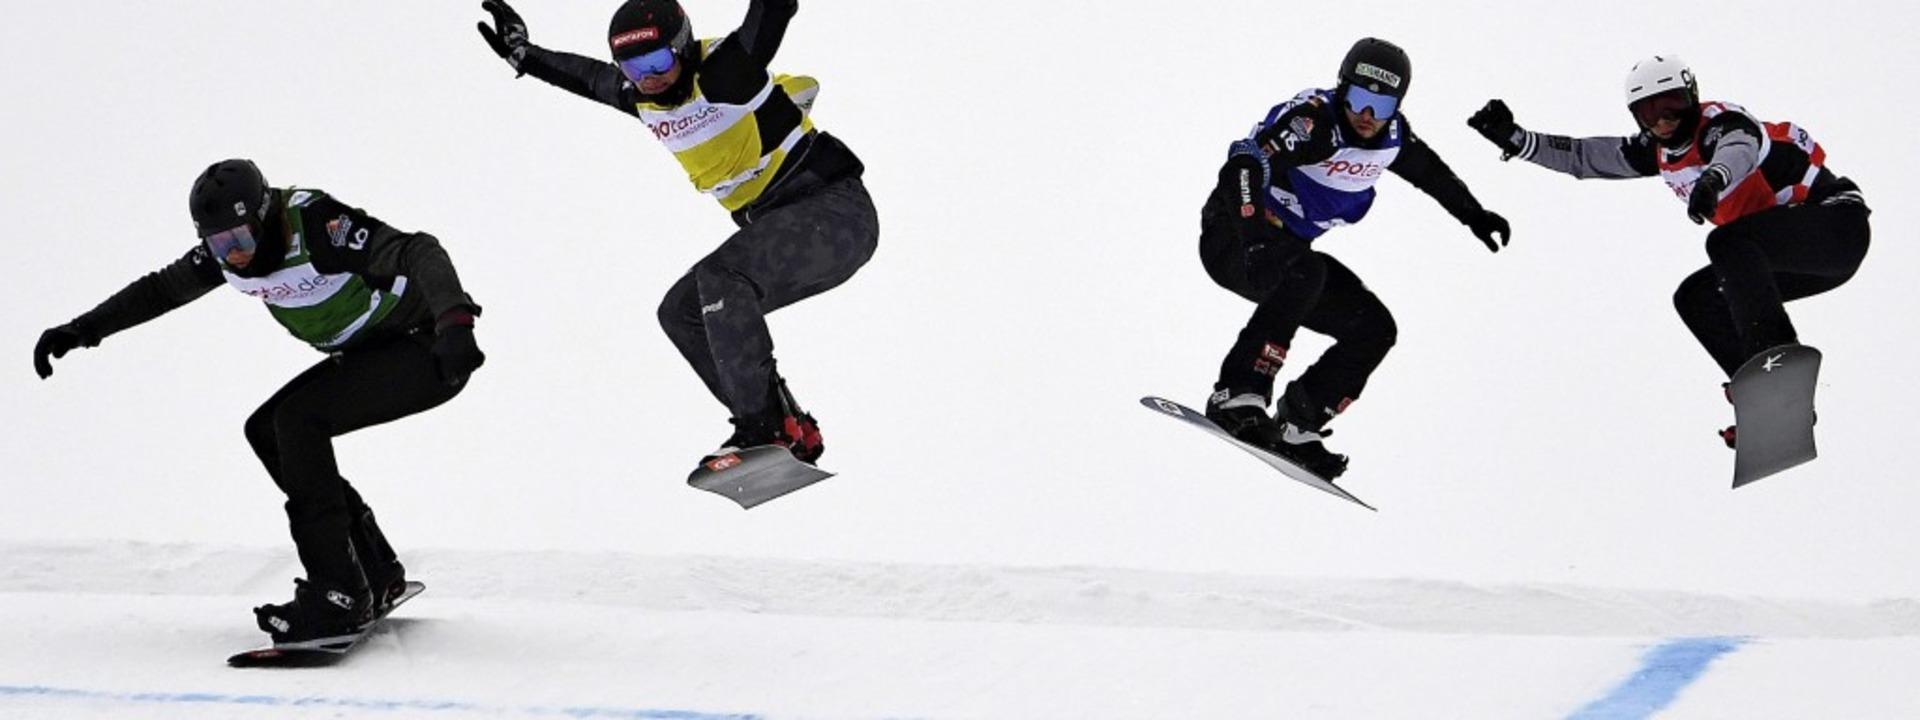 Drei Flugpassagen müssen die Snowboard... Spezialpiste am Feldberg bewältigen.   | Foto: DPA (Patrick Seeger)